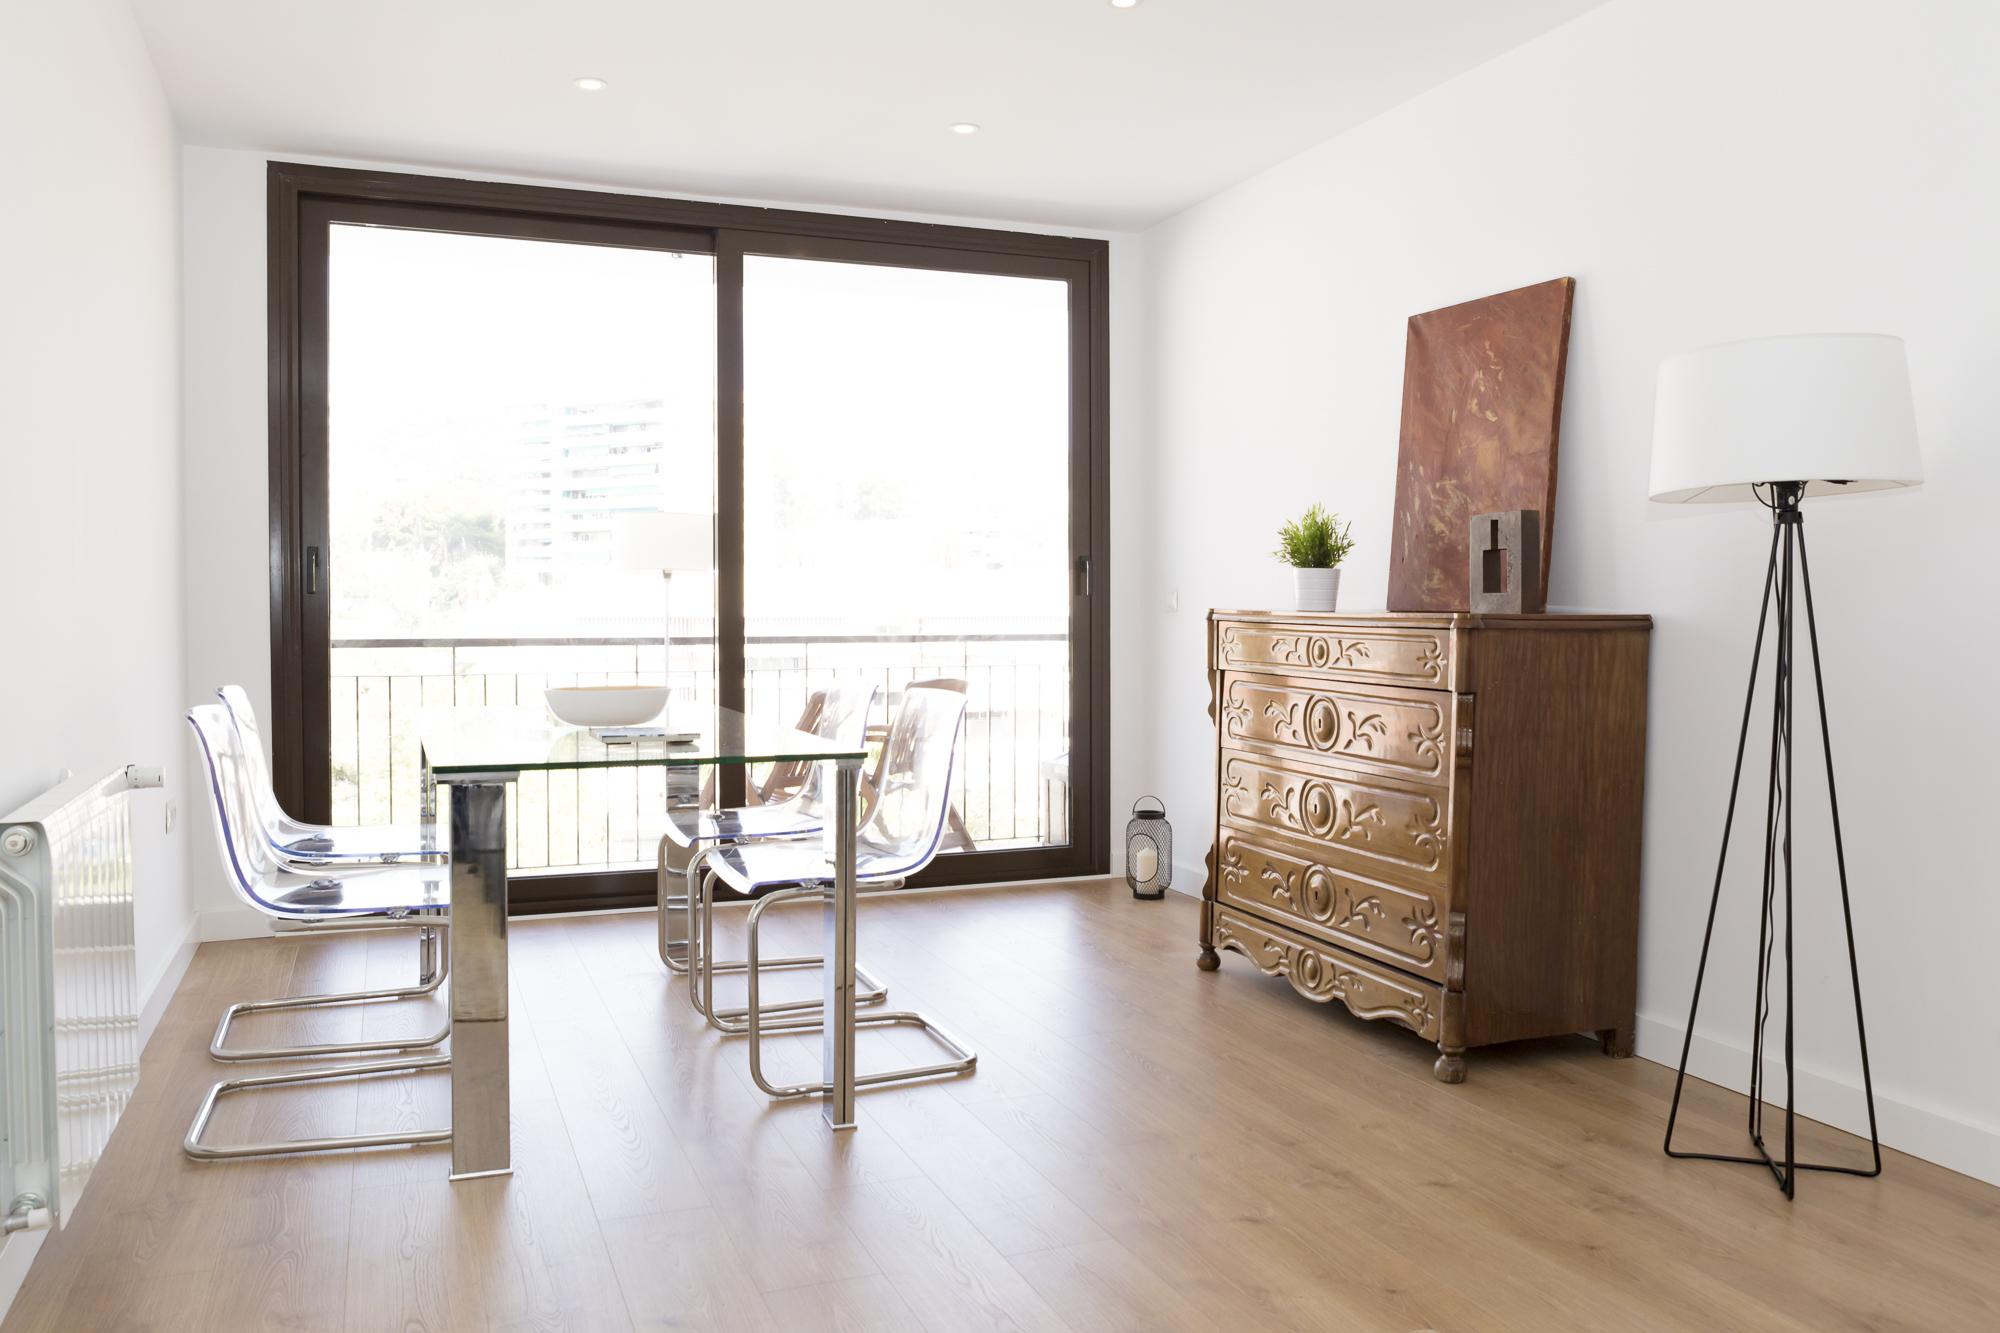 Vivienda elcano gda interiores for Interiores de viviendas